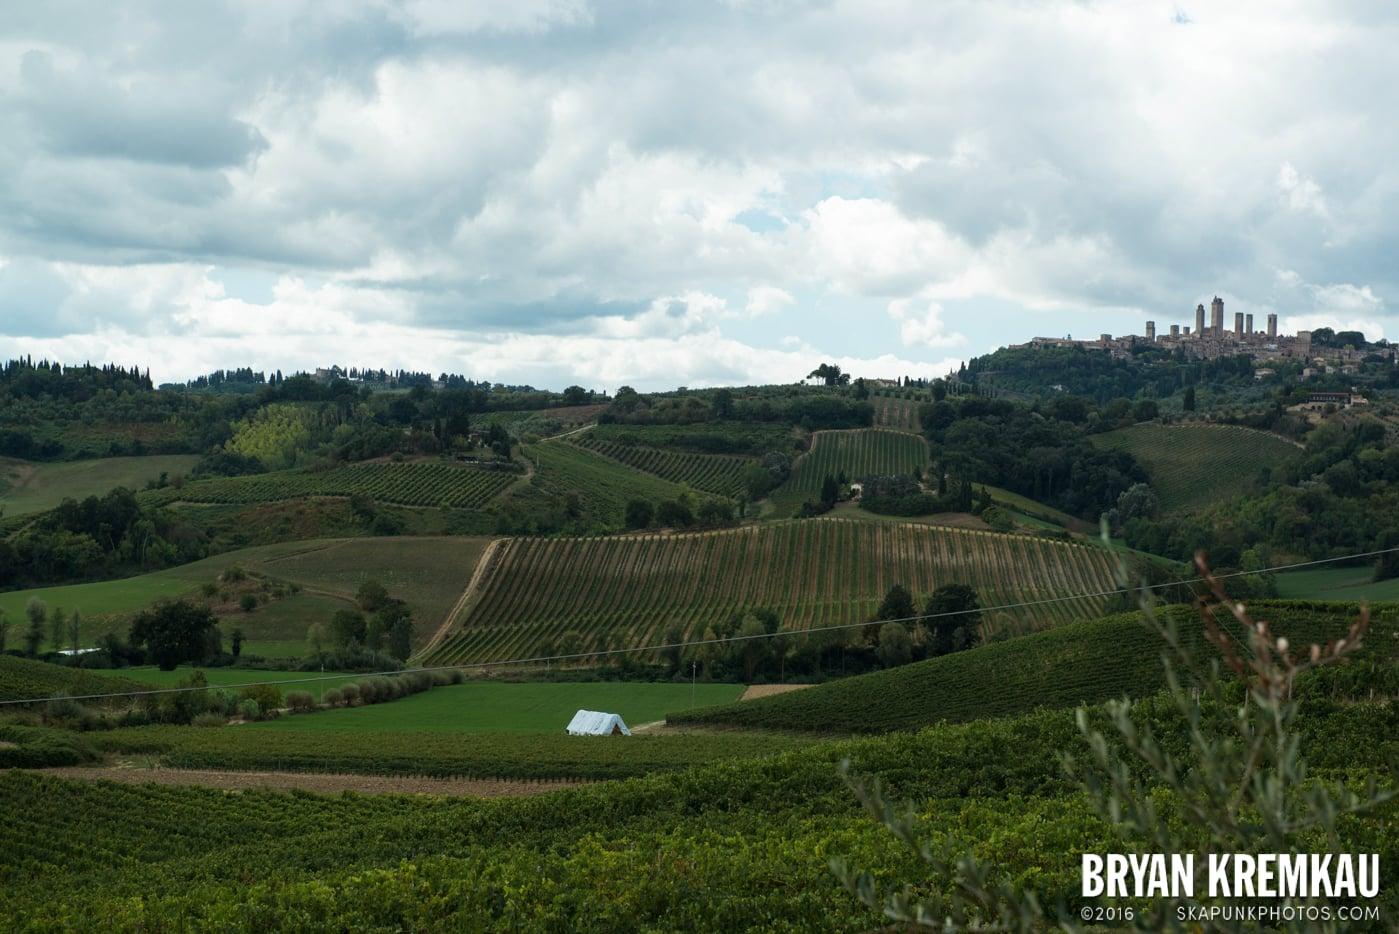 Italy Vacation - Day 8: Siena, San Gimignano, Chianti, Pisa - 9.16.13 (109)